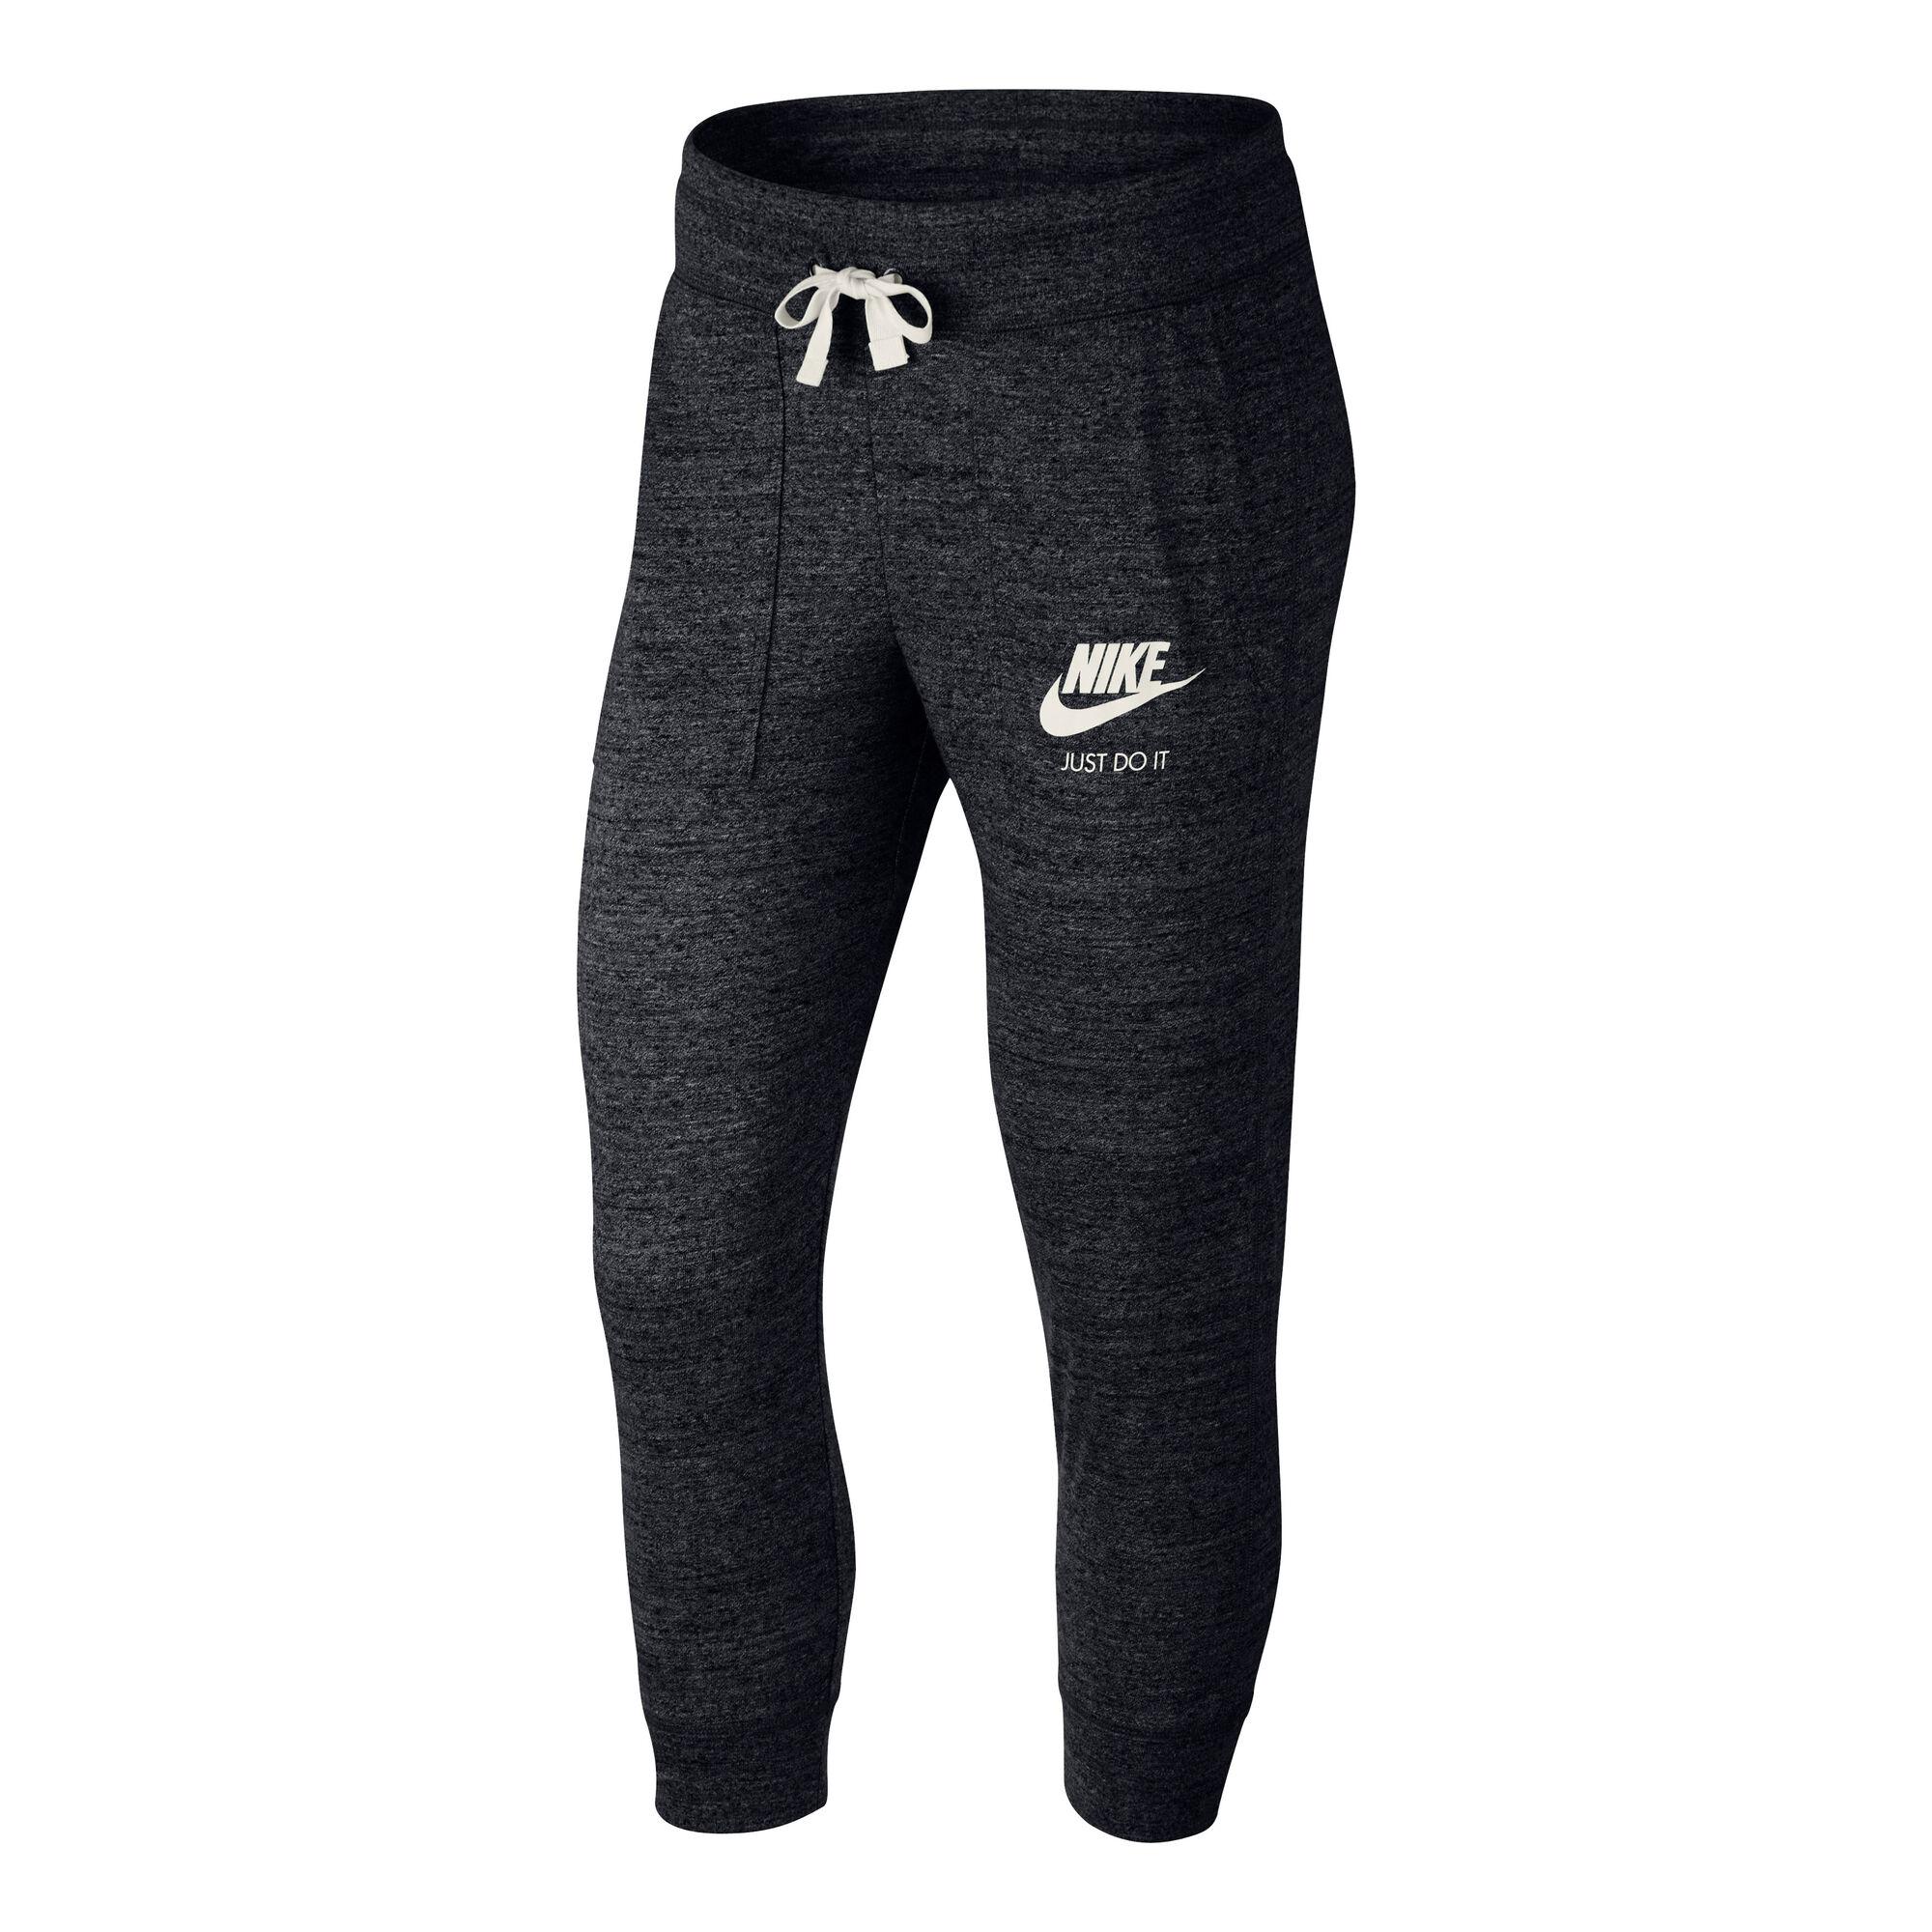 2f714777f4fddd Nike Sportswear Gym Vintage Trainingshose Damen - Dunkelgrau